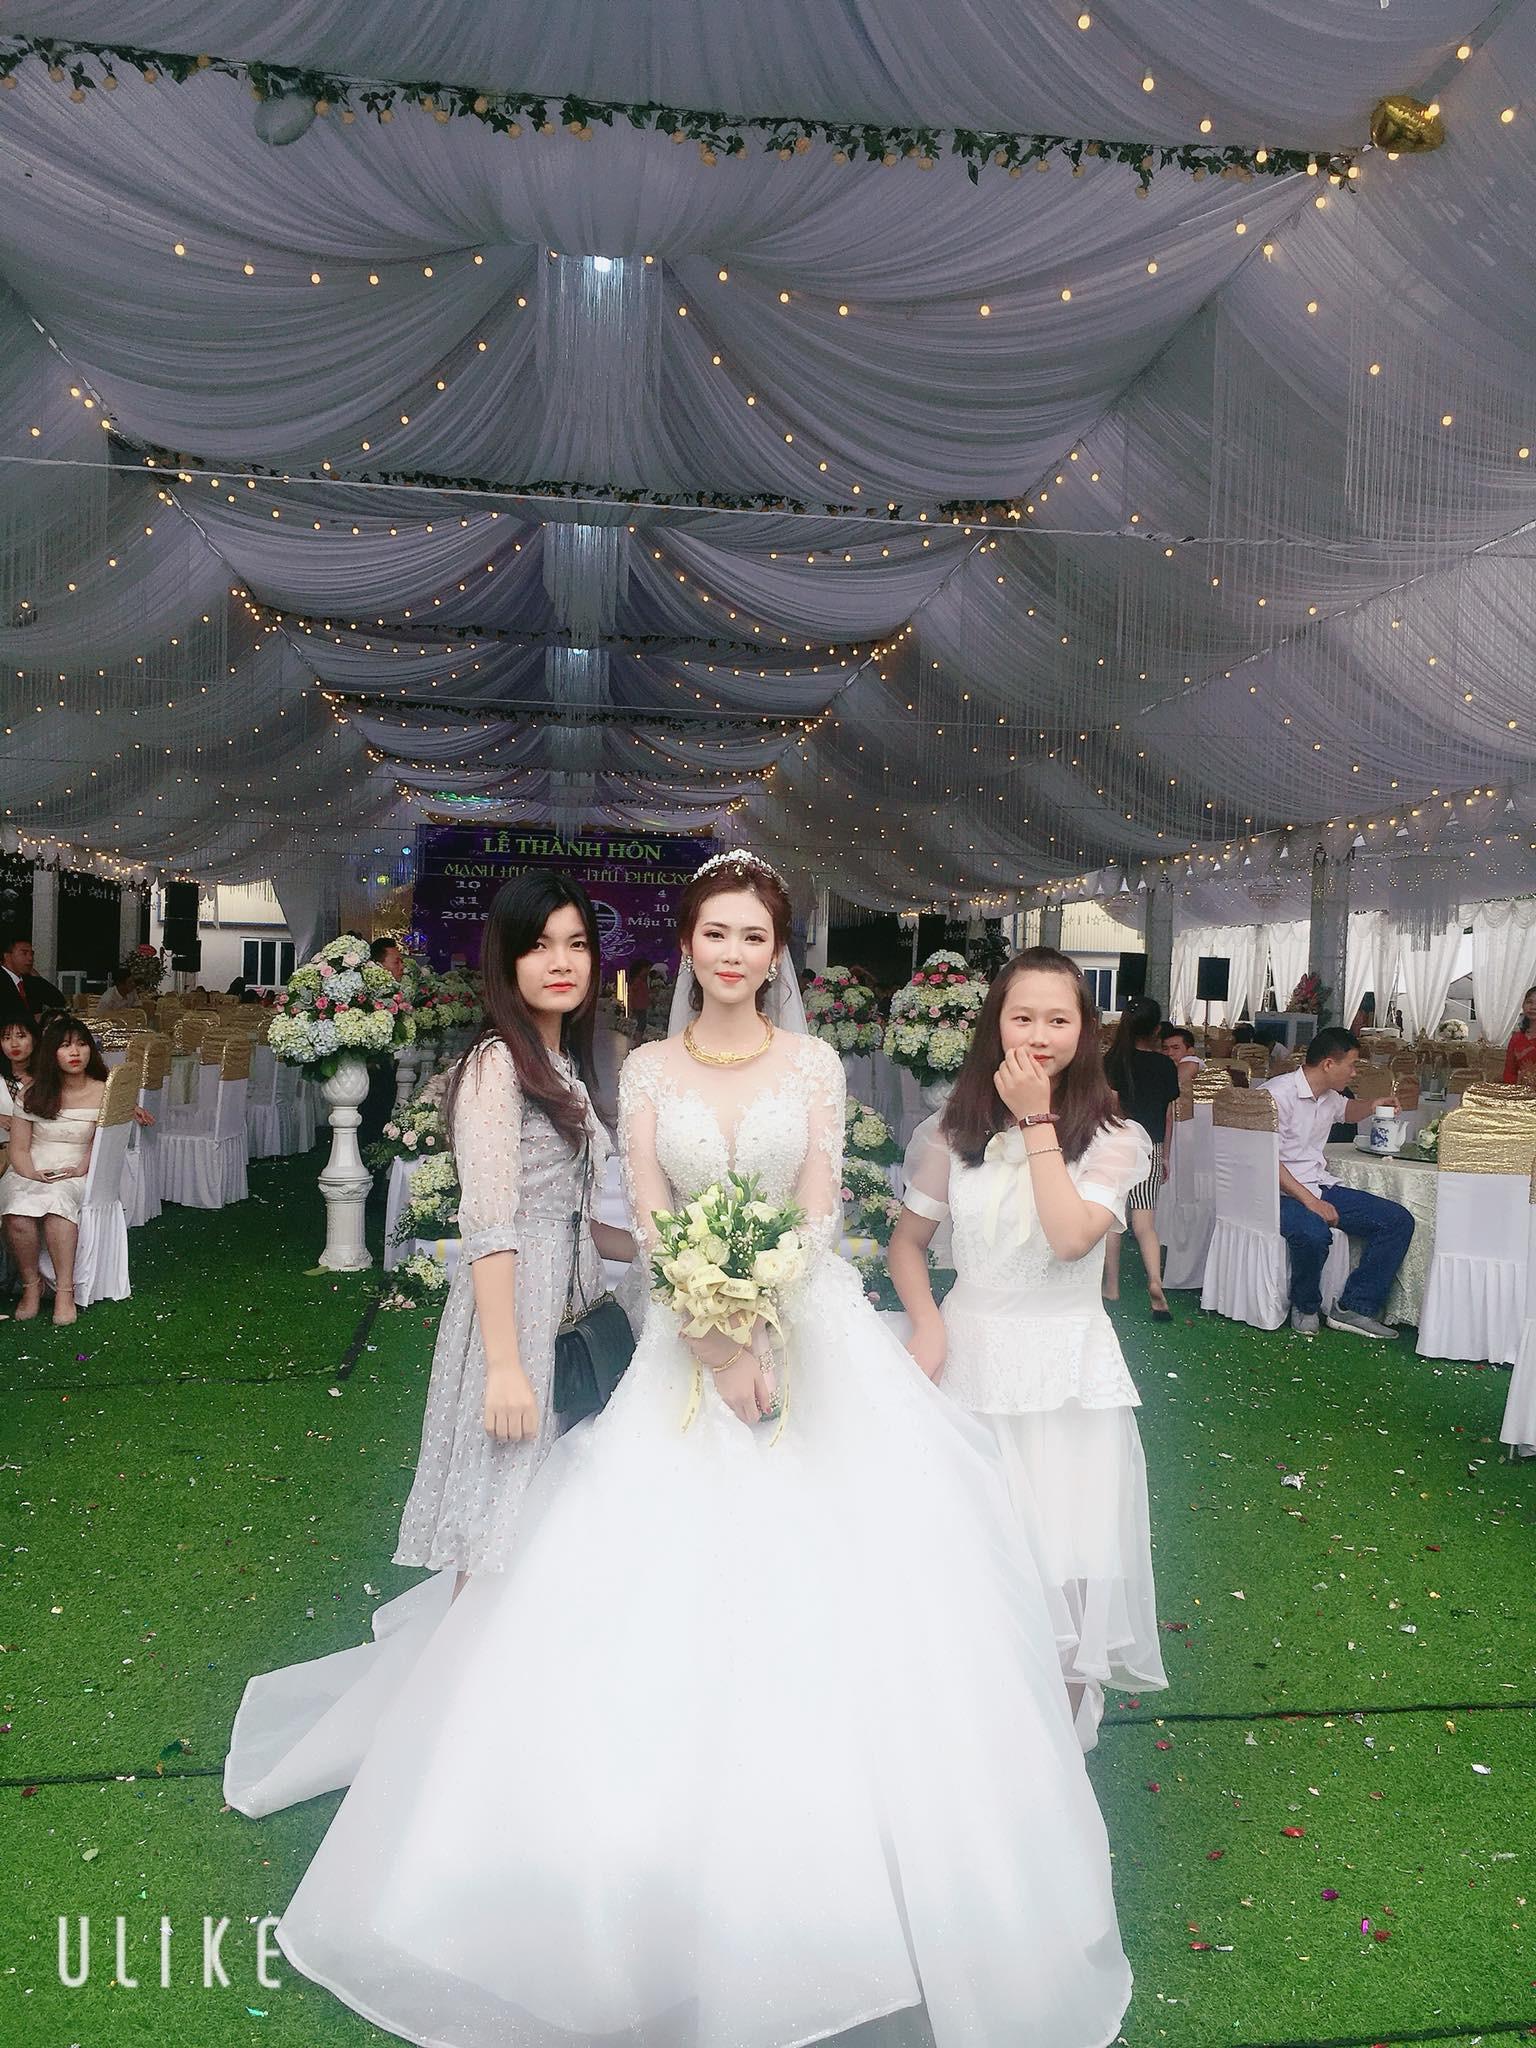 Cô dâu chú rể rạng rỡ trong đám cưới khủng, chi gần 1 tỷ đồng dựng rạp và mời cả ca sĩ Ngọc Sơn về biểu diễn - Ảnh 2.